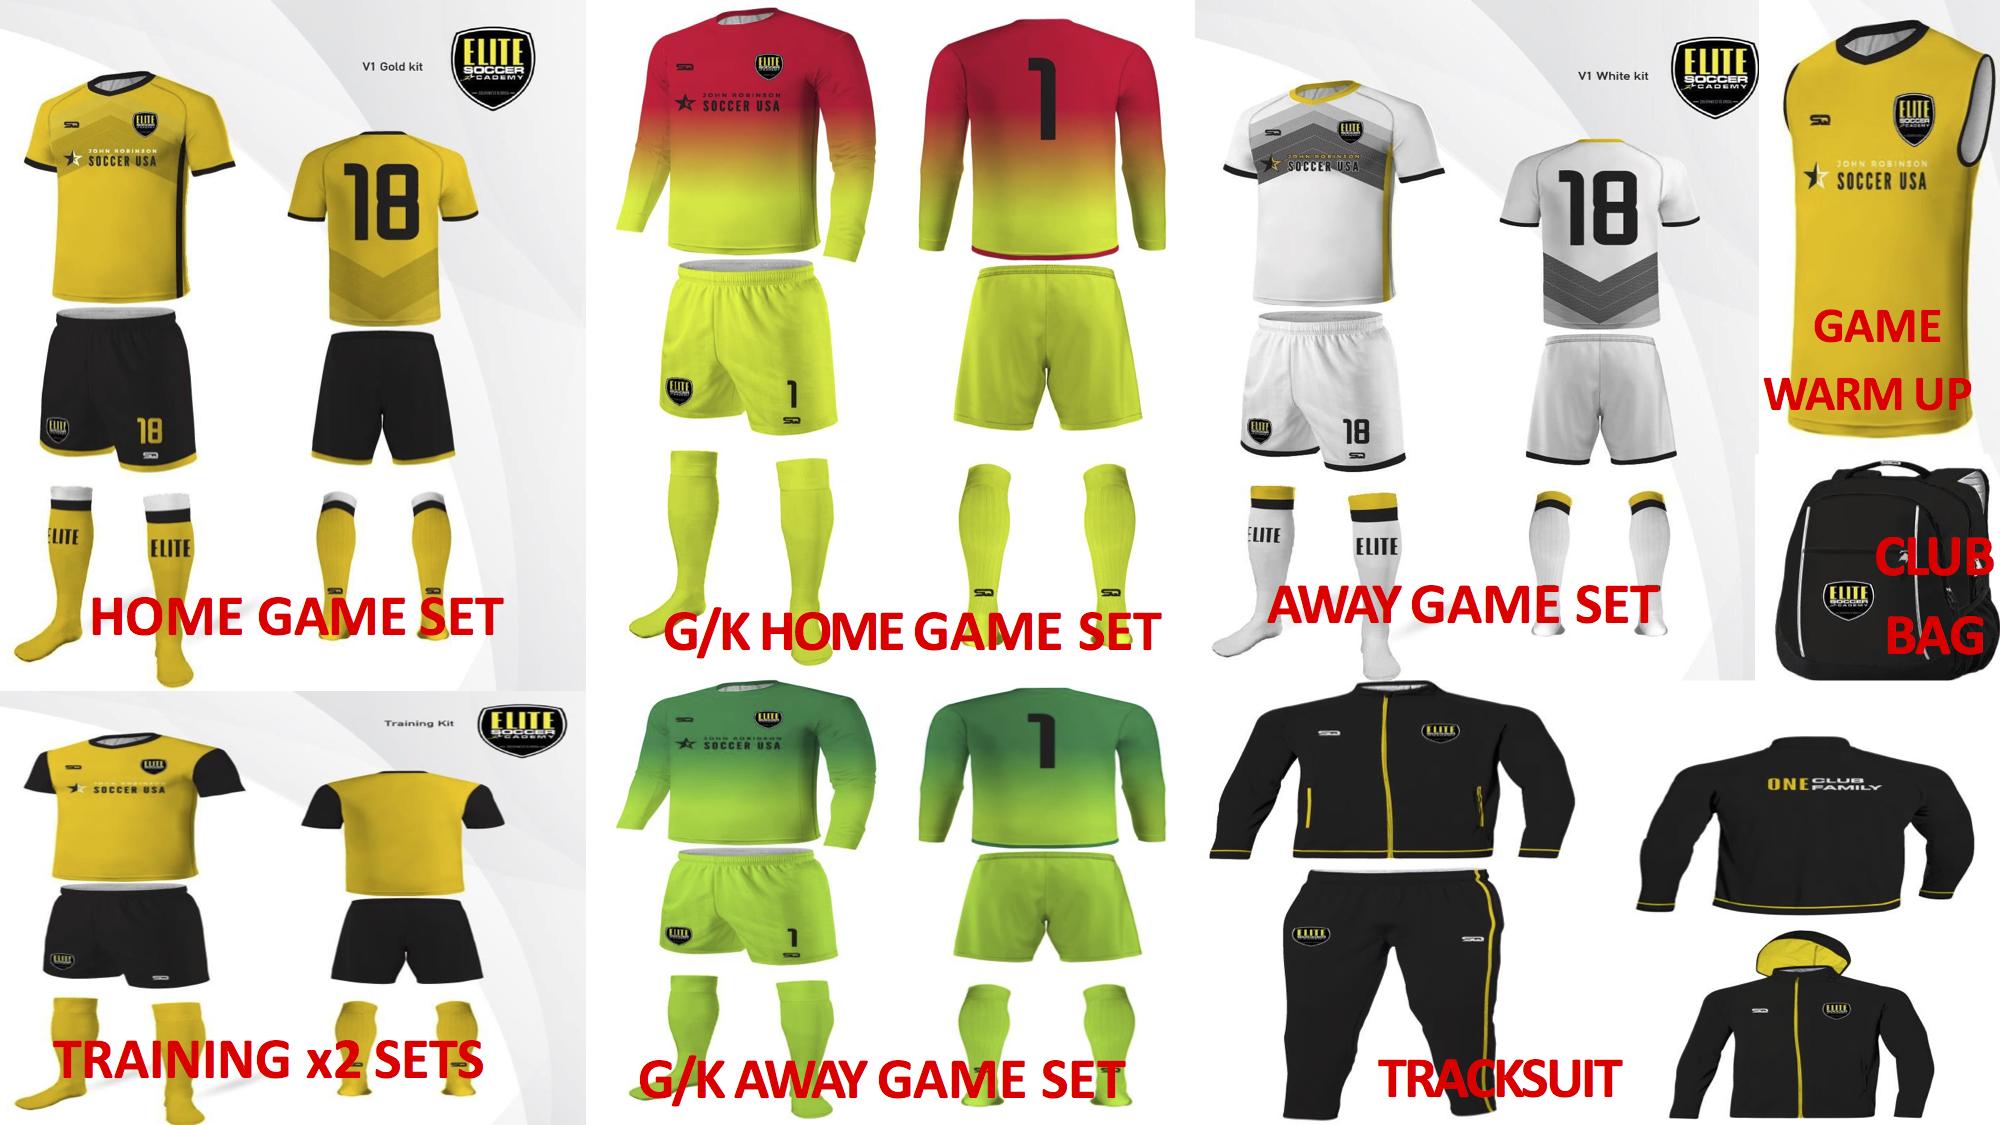 2019-20 Season Complete Uniform Image.png